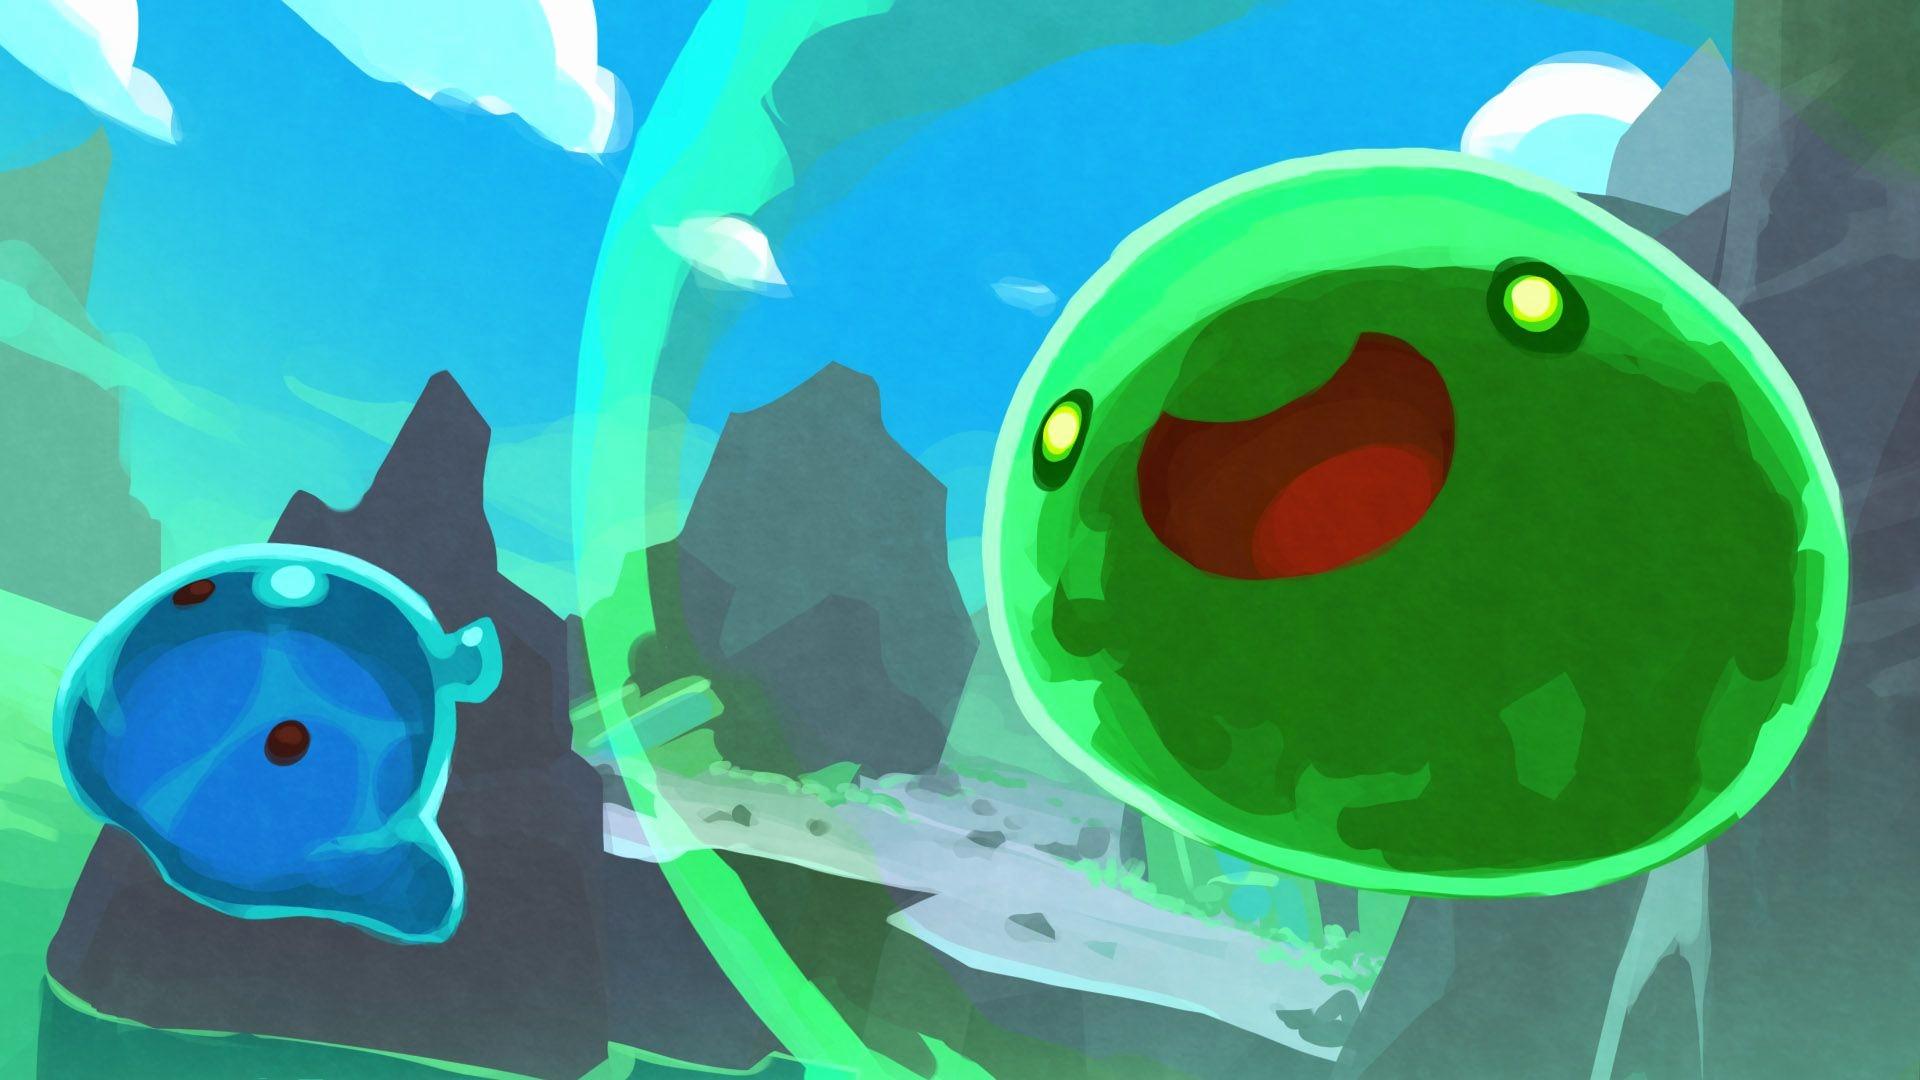 Картинка для Проверка знаний Slime Rancher! 2